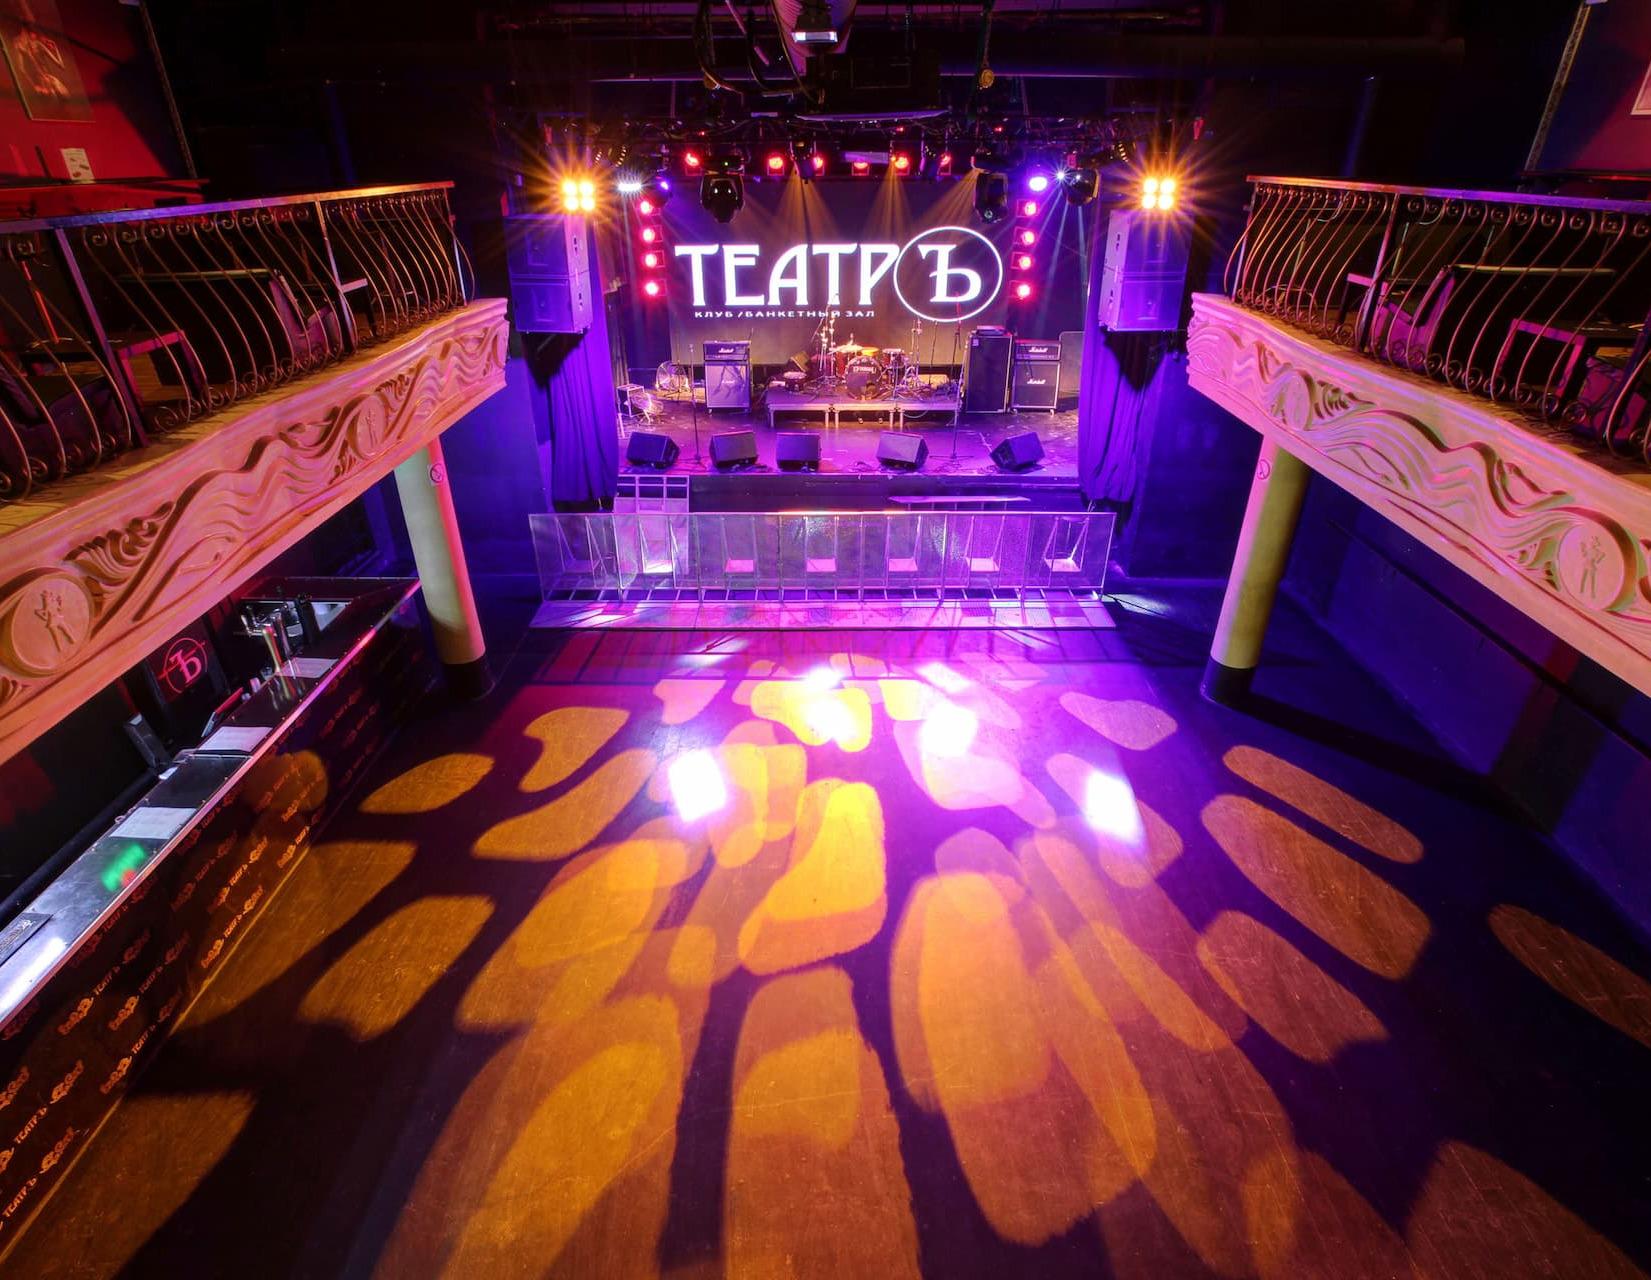 Клуб театръ москва вместимость вакансии барменов в москве в ночных клубах